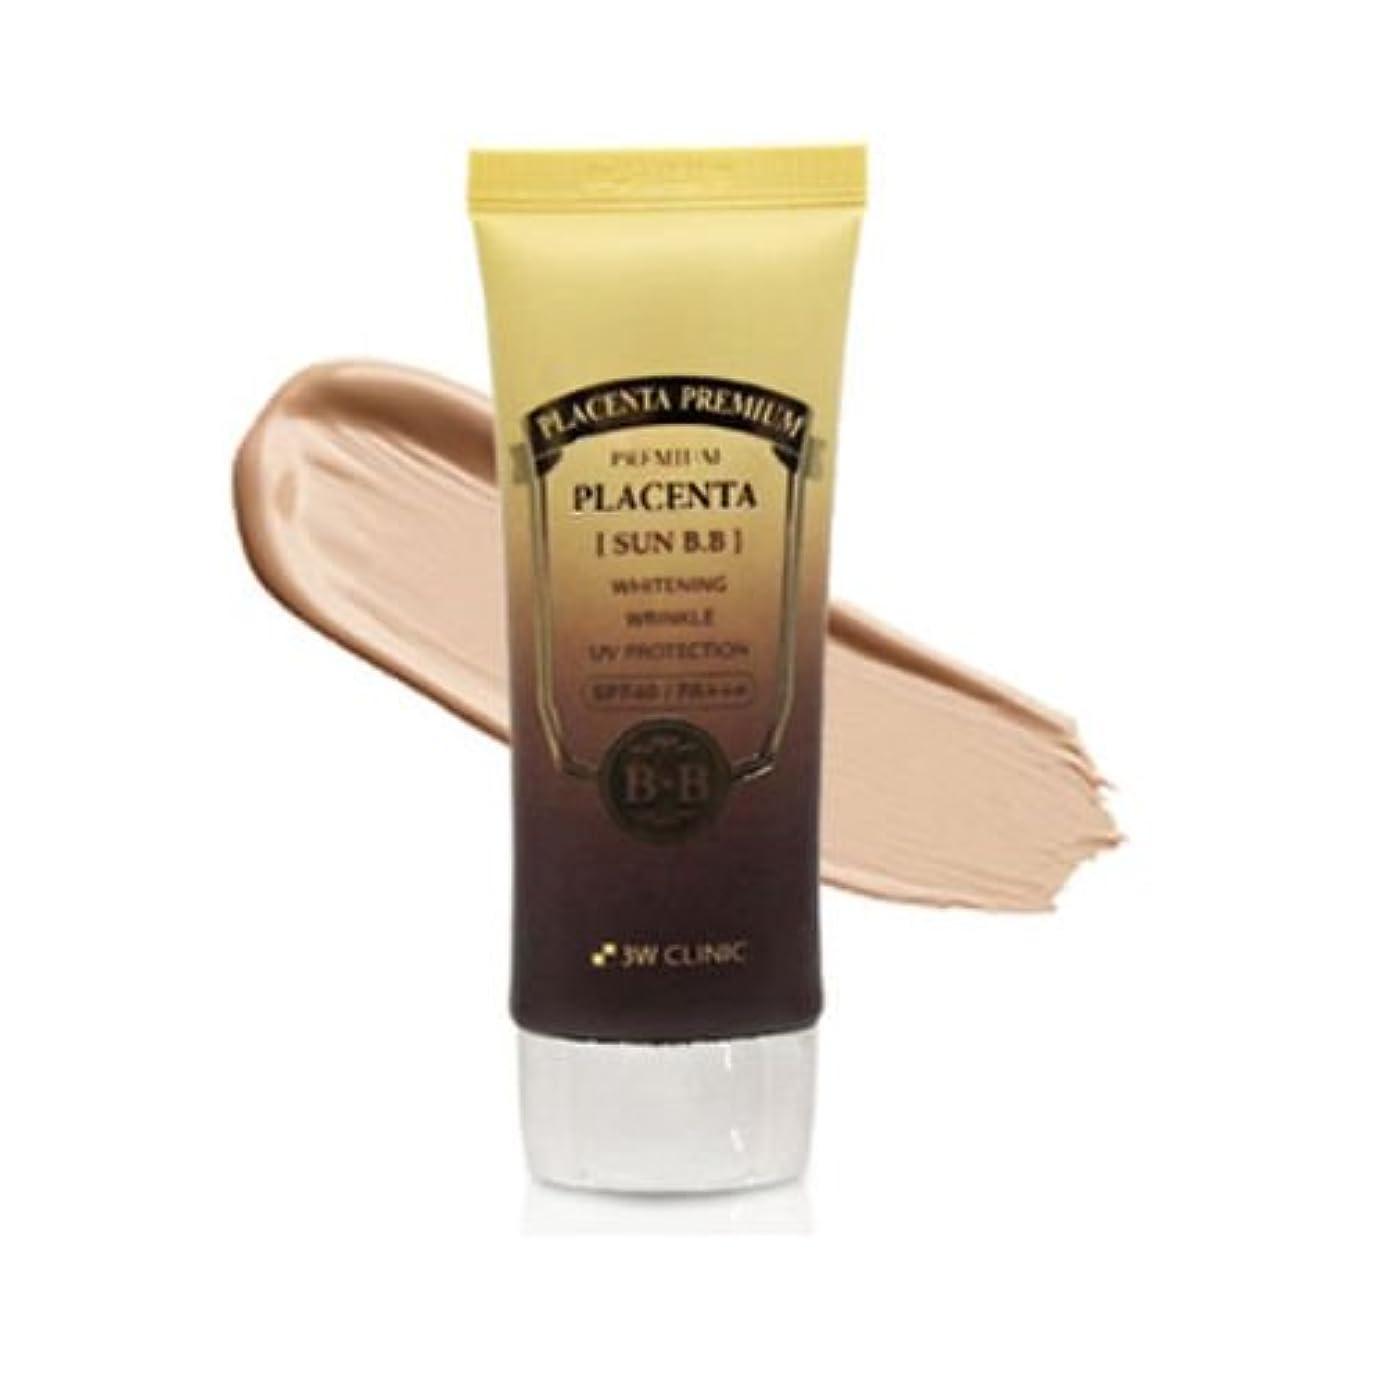 全体スパン高音3Wクリニック[韓国コスメ3w Clinic]Premium Placenta Sun BB Cream プレミアムプラセンタサンBBクリーム70ml SPF40 PA+++ UV しわ管理[並行輸入品]